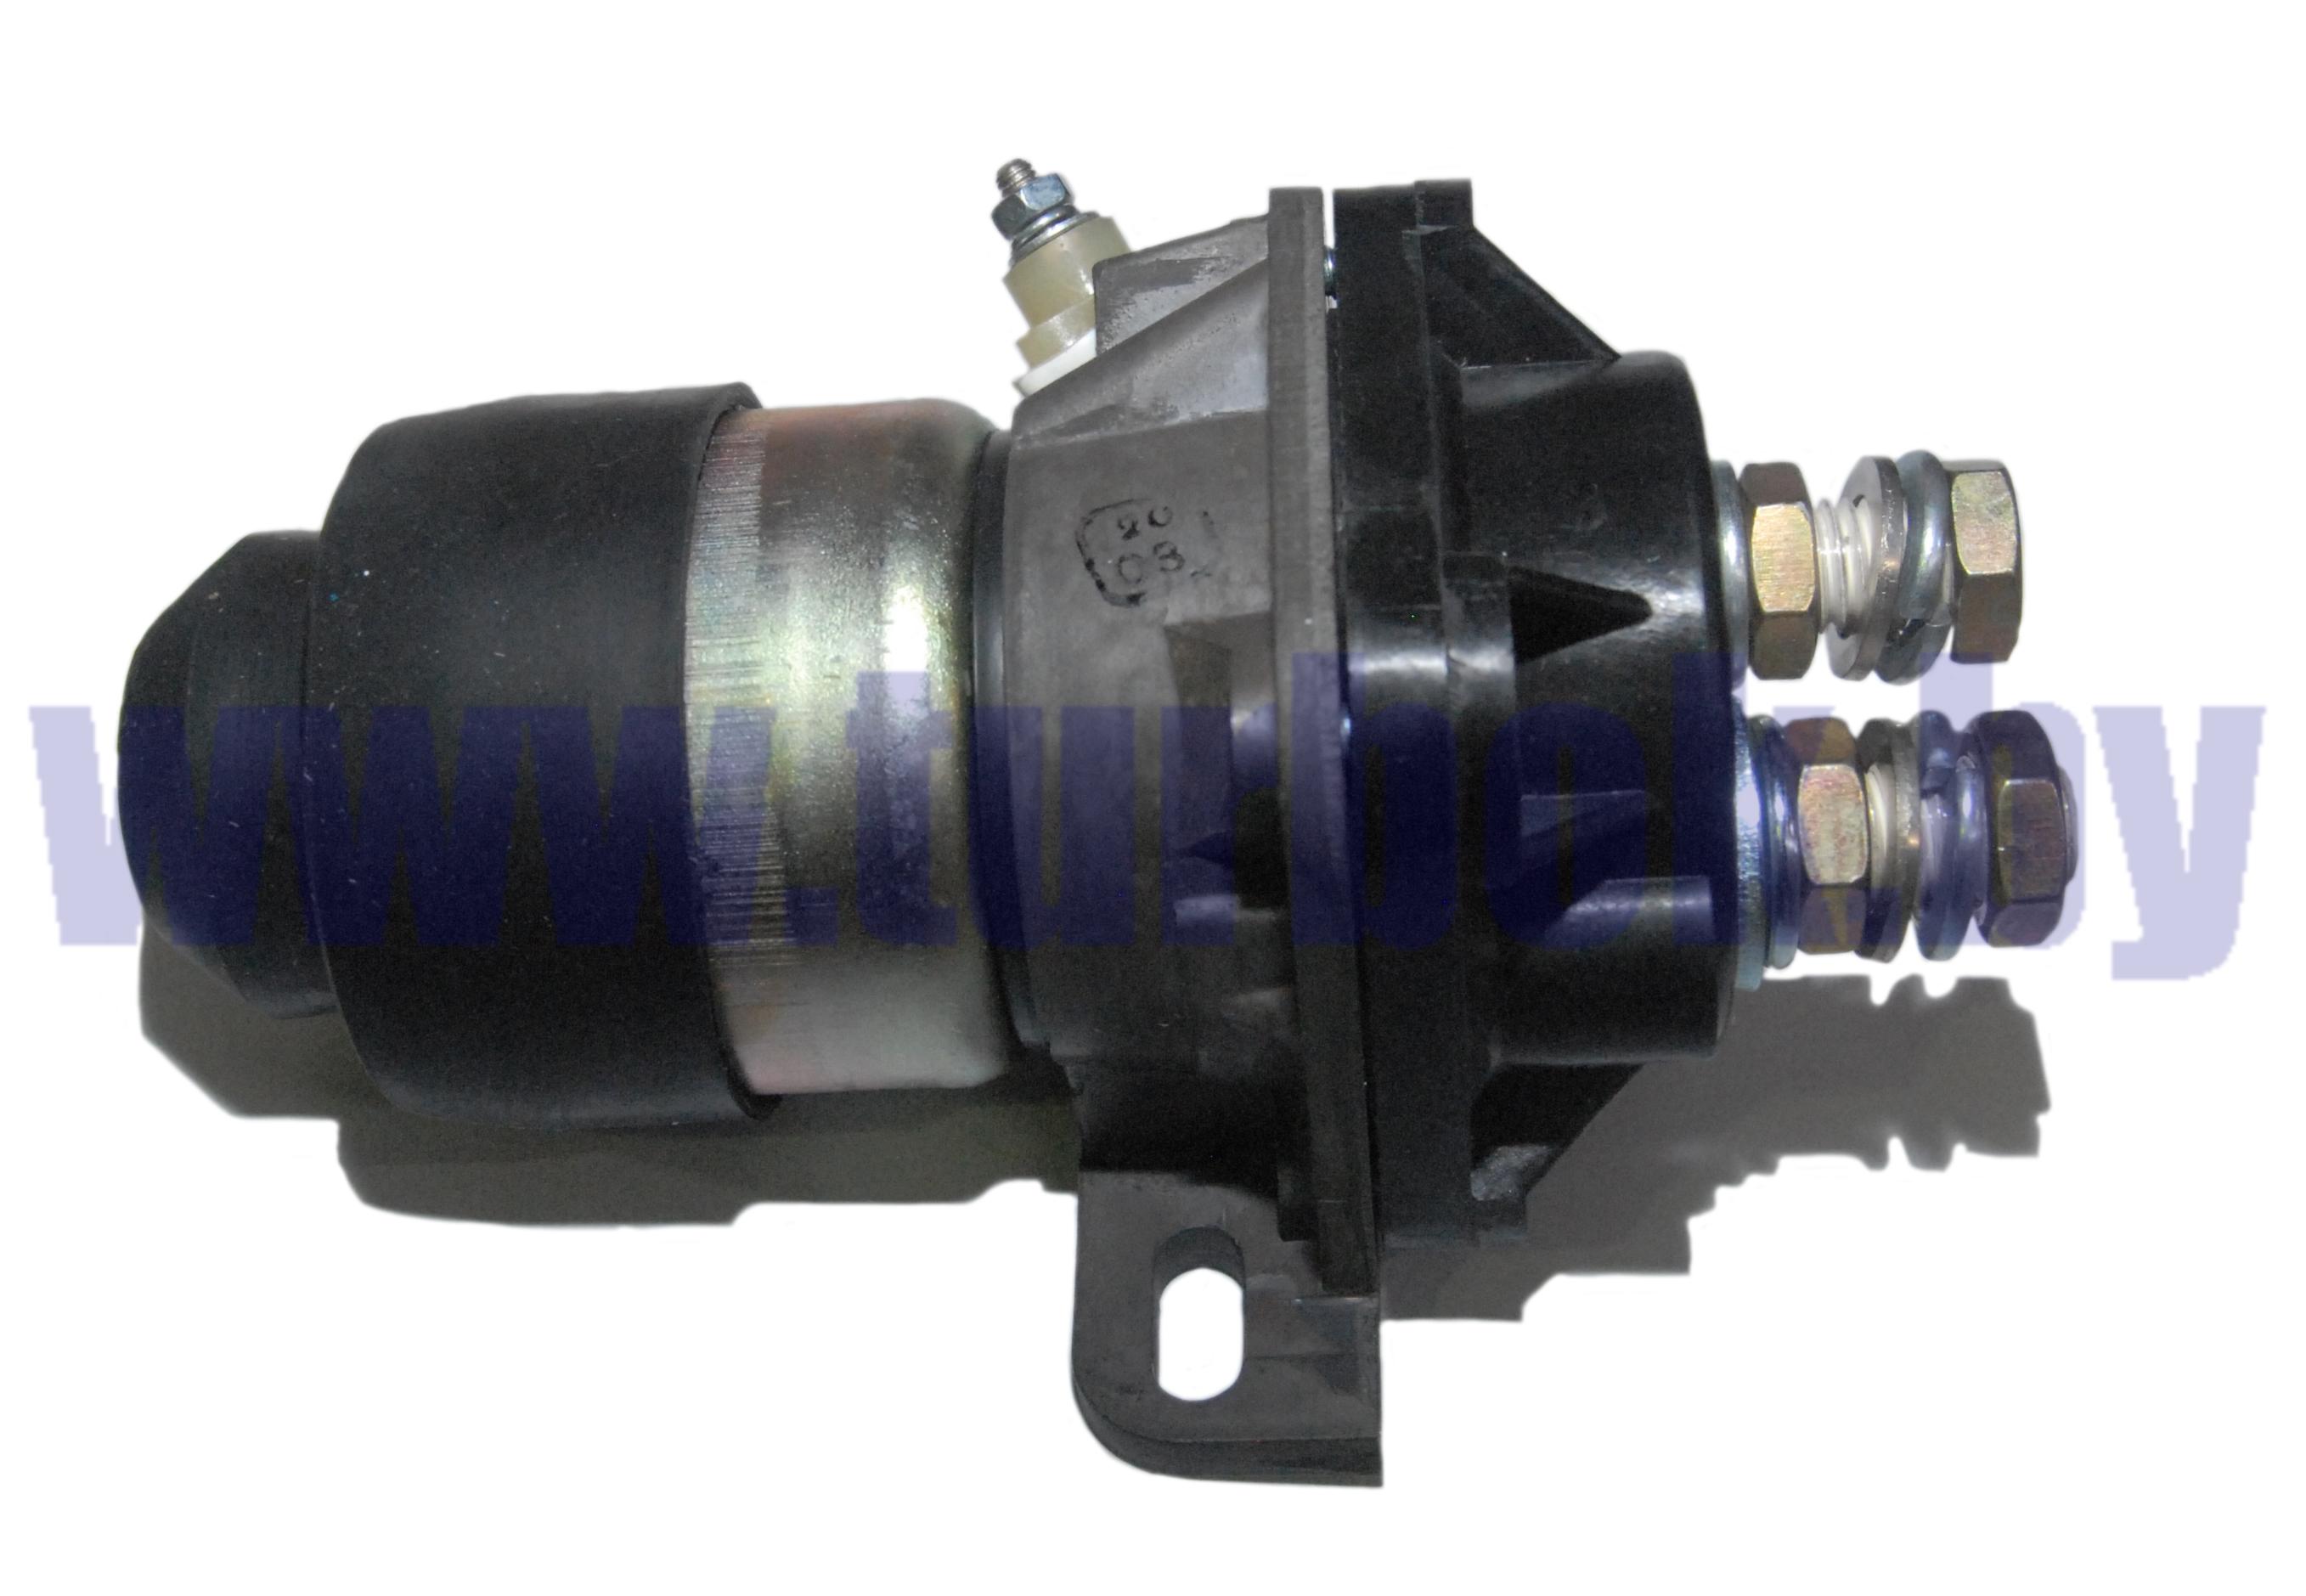 Выключатель массы дистанционный 2 вывода/АДЮИ.453779.001-02